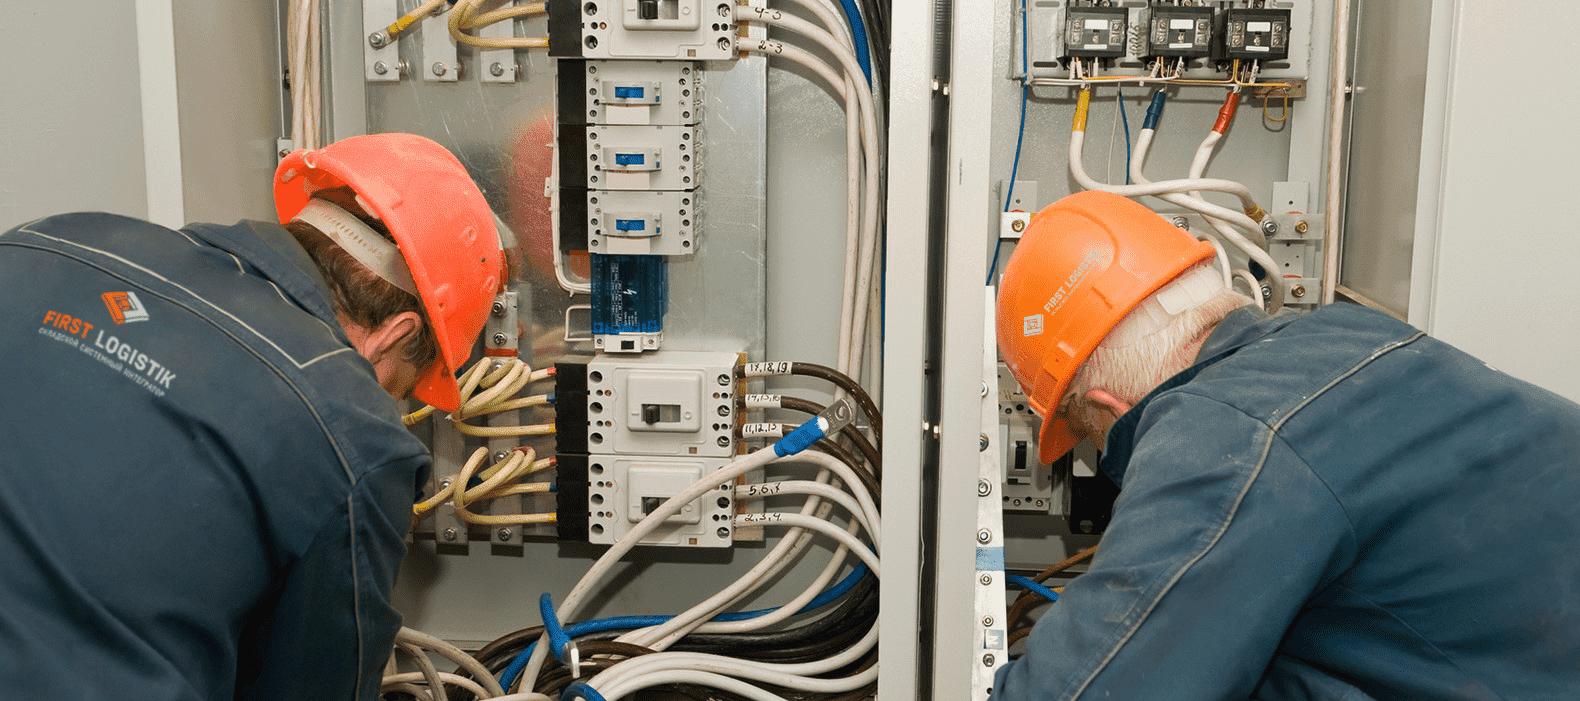 Акт о неисправности оборудования